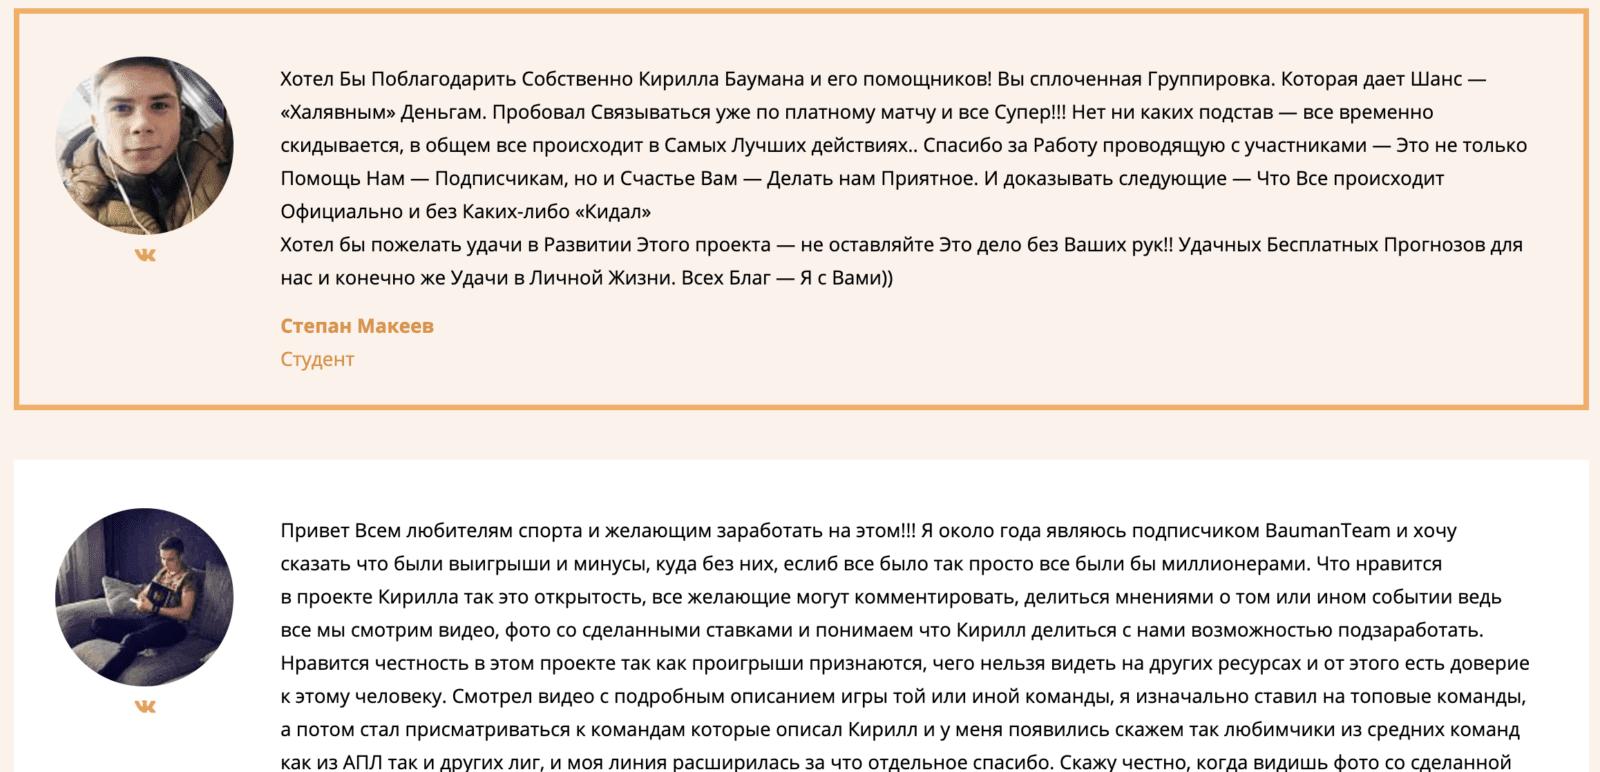 Поддельные отзывы о работе Кирилла Баумана Baumanteam ru